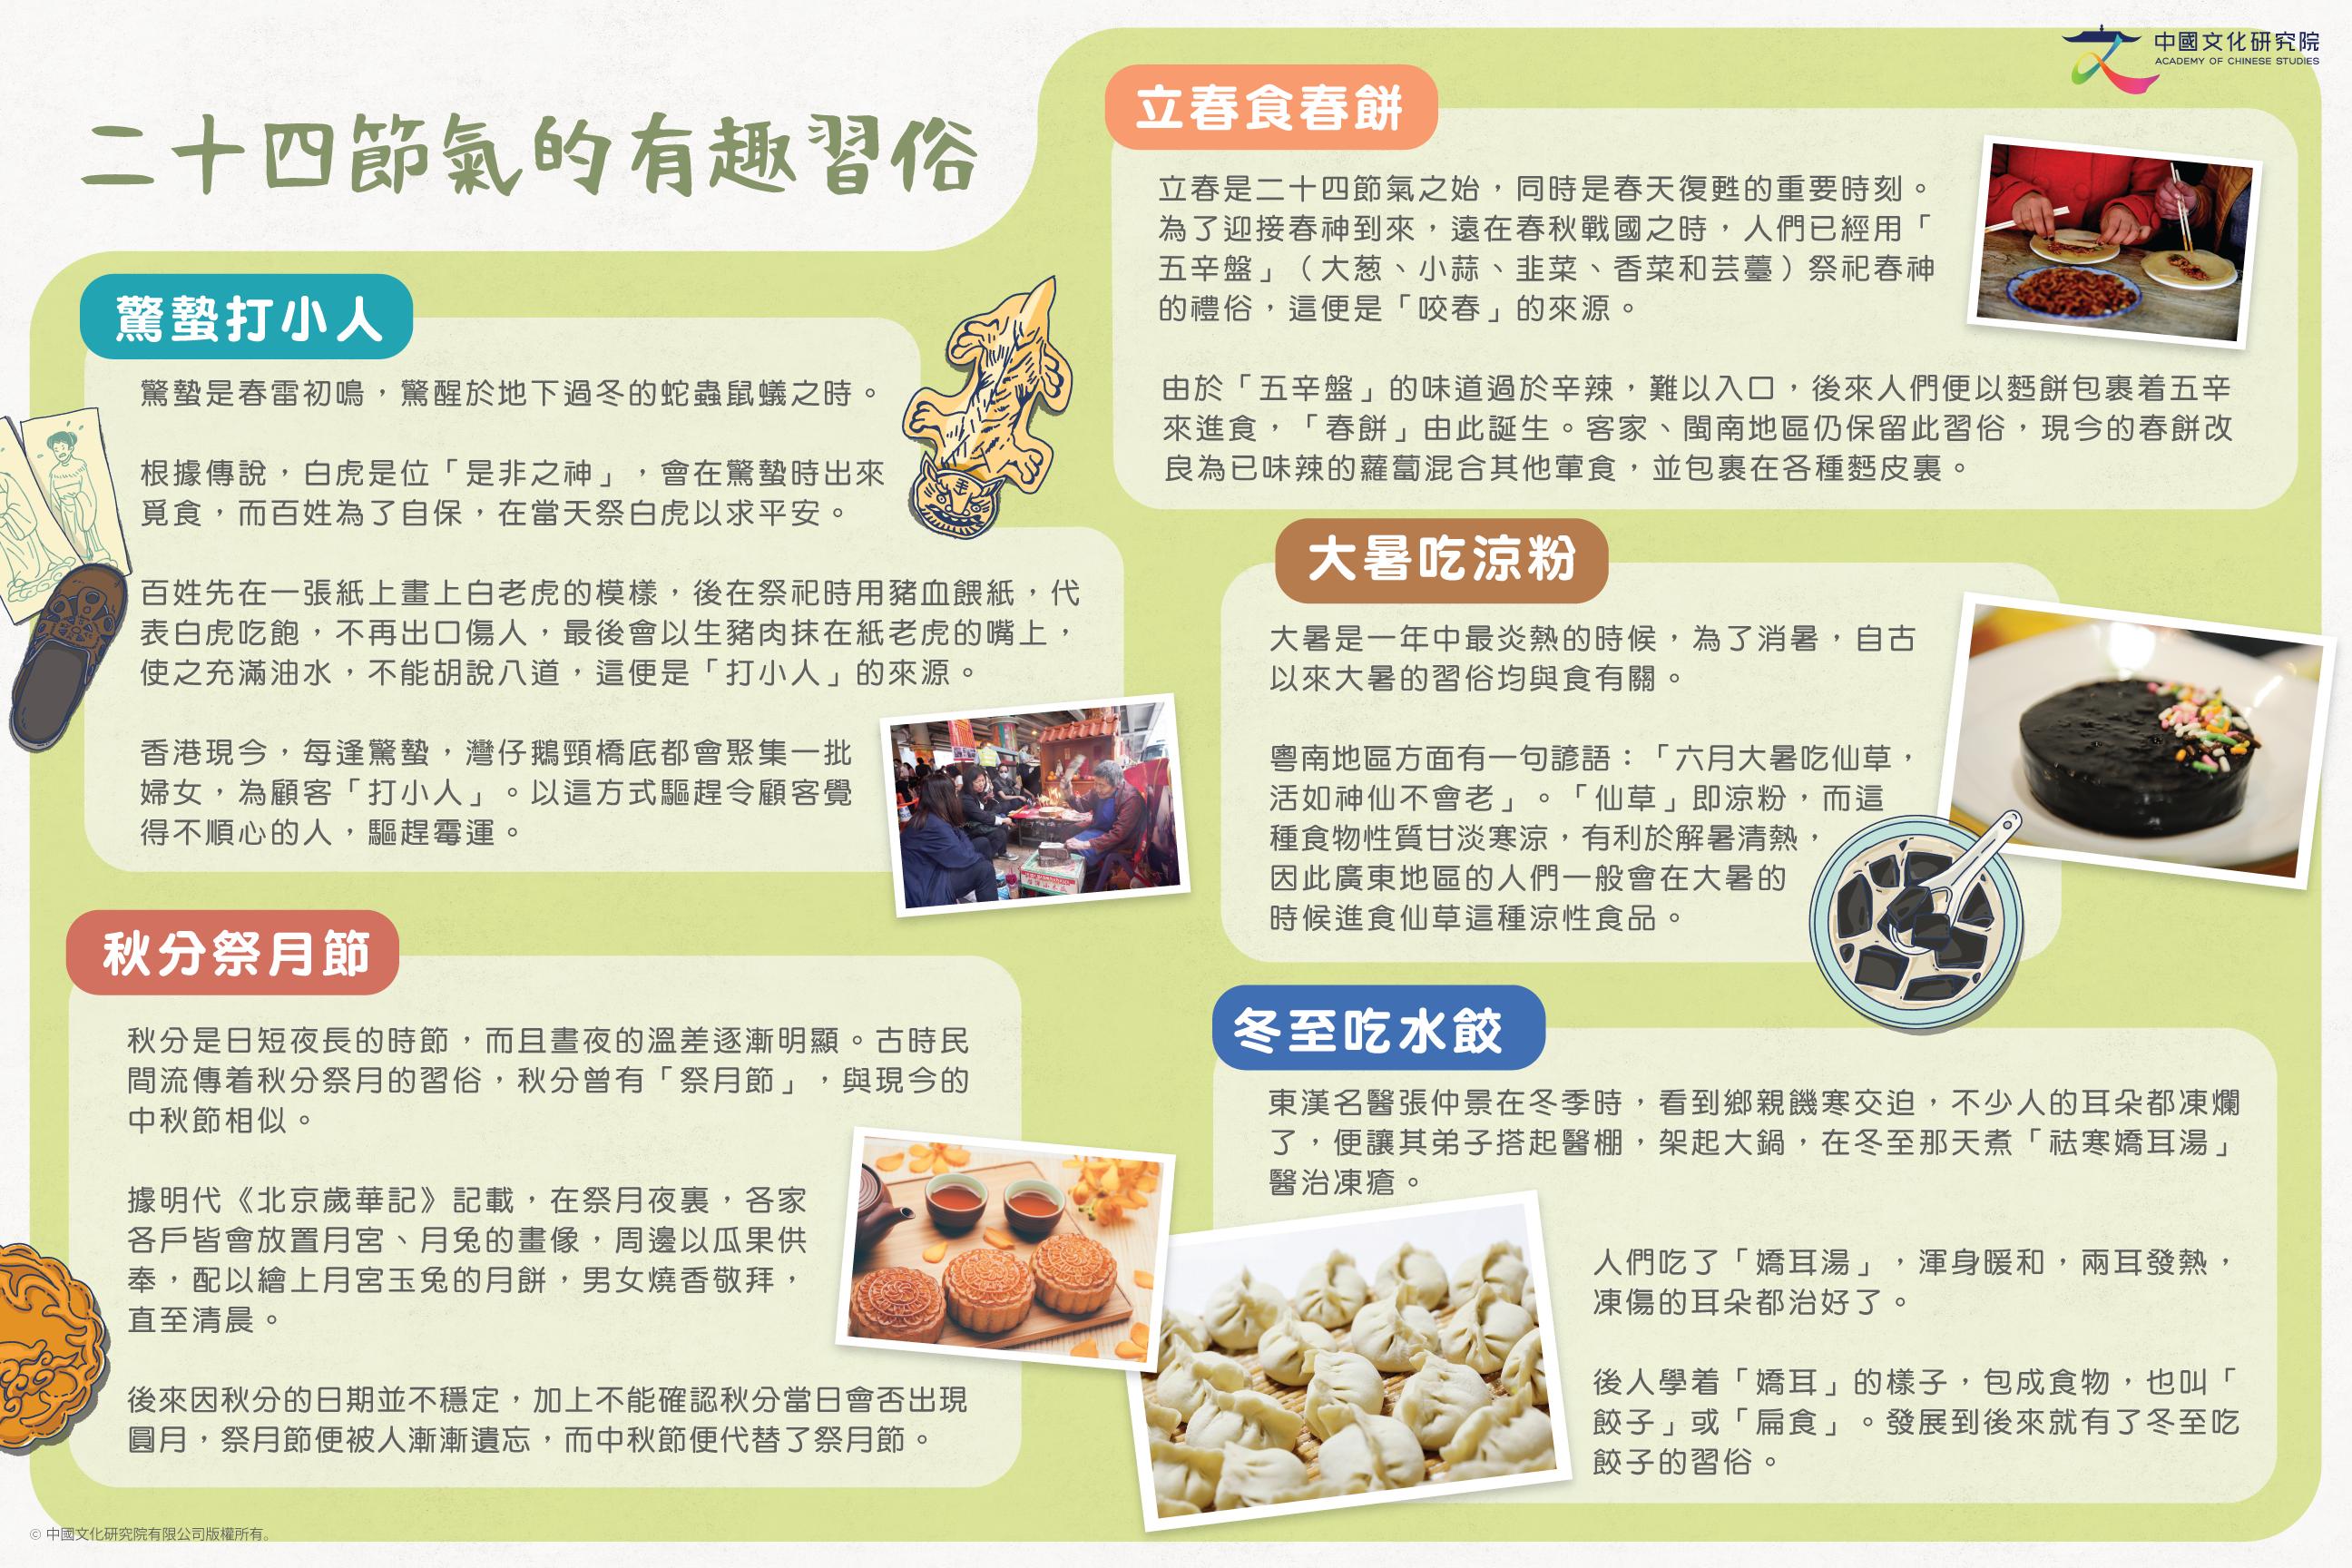 中國古代曆法與二十四節氣-04_0921